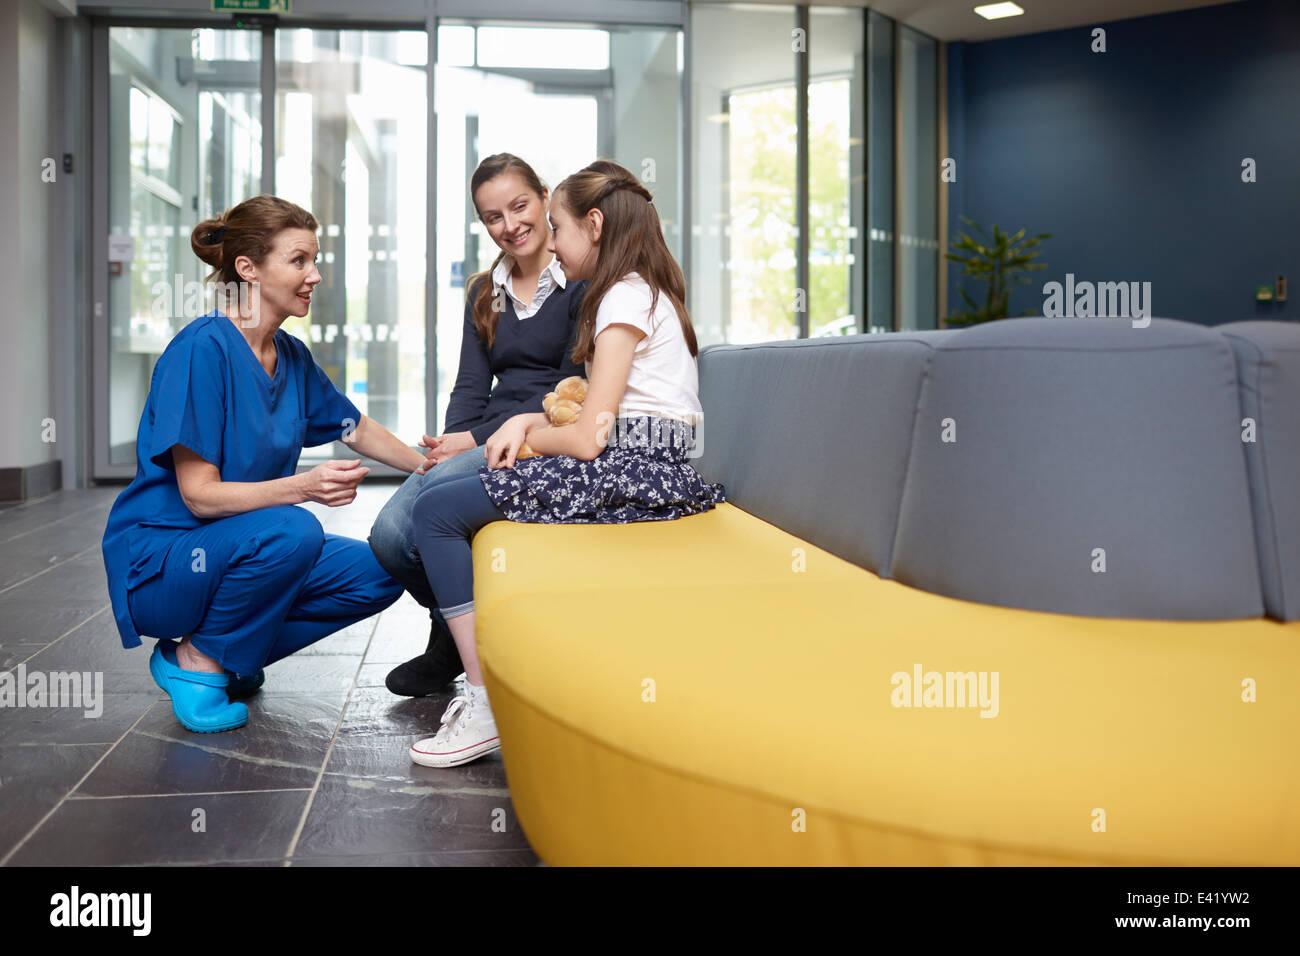 Infermiere parlando a ragazza in ospedale in sala d'attesa Immagini Stock